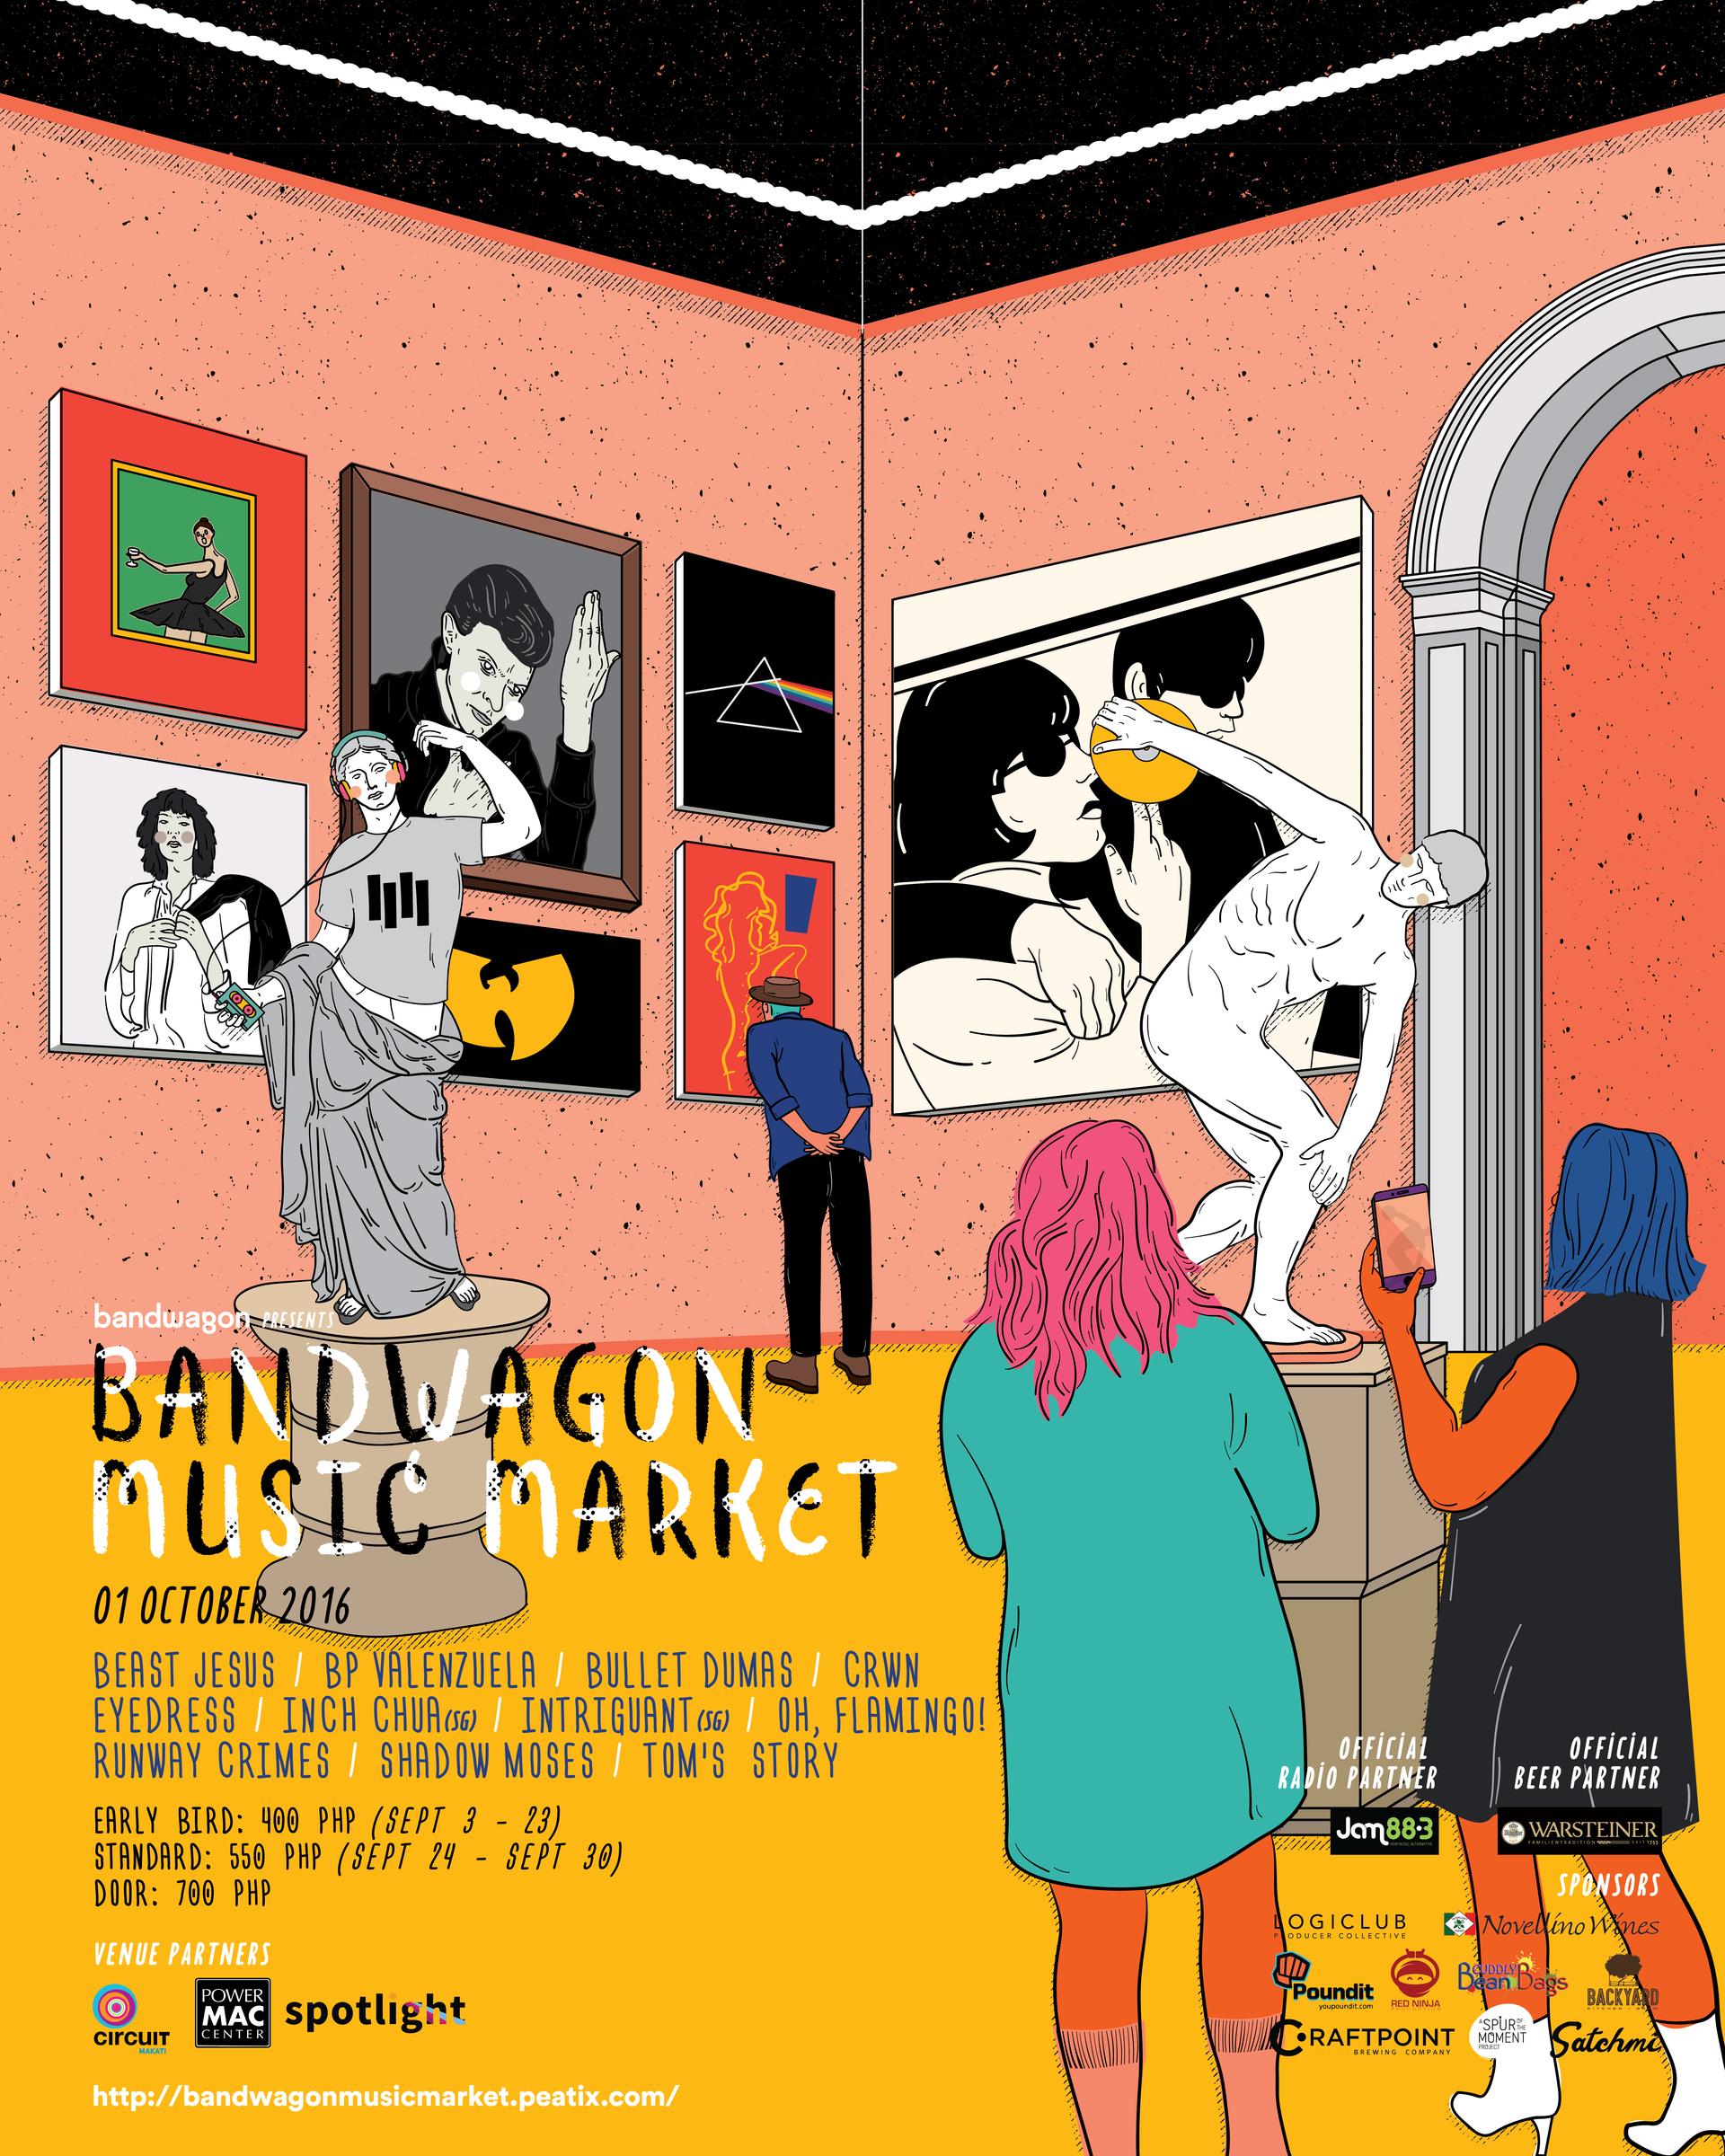 bandwagon-music-market-ph